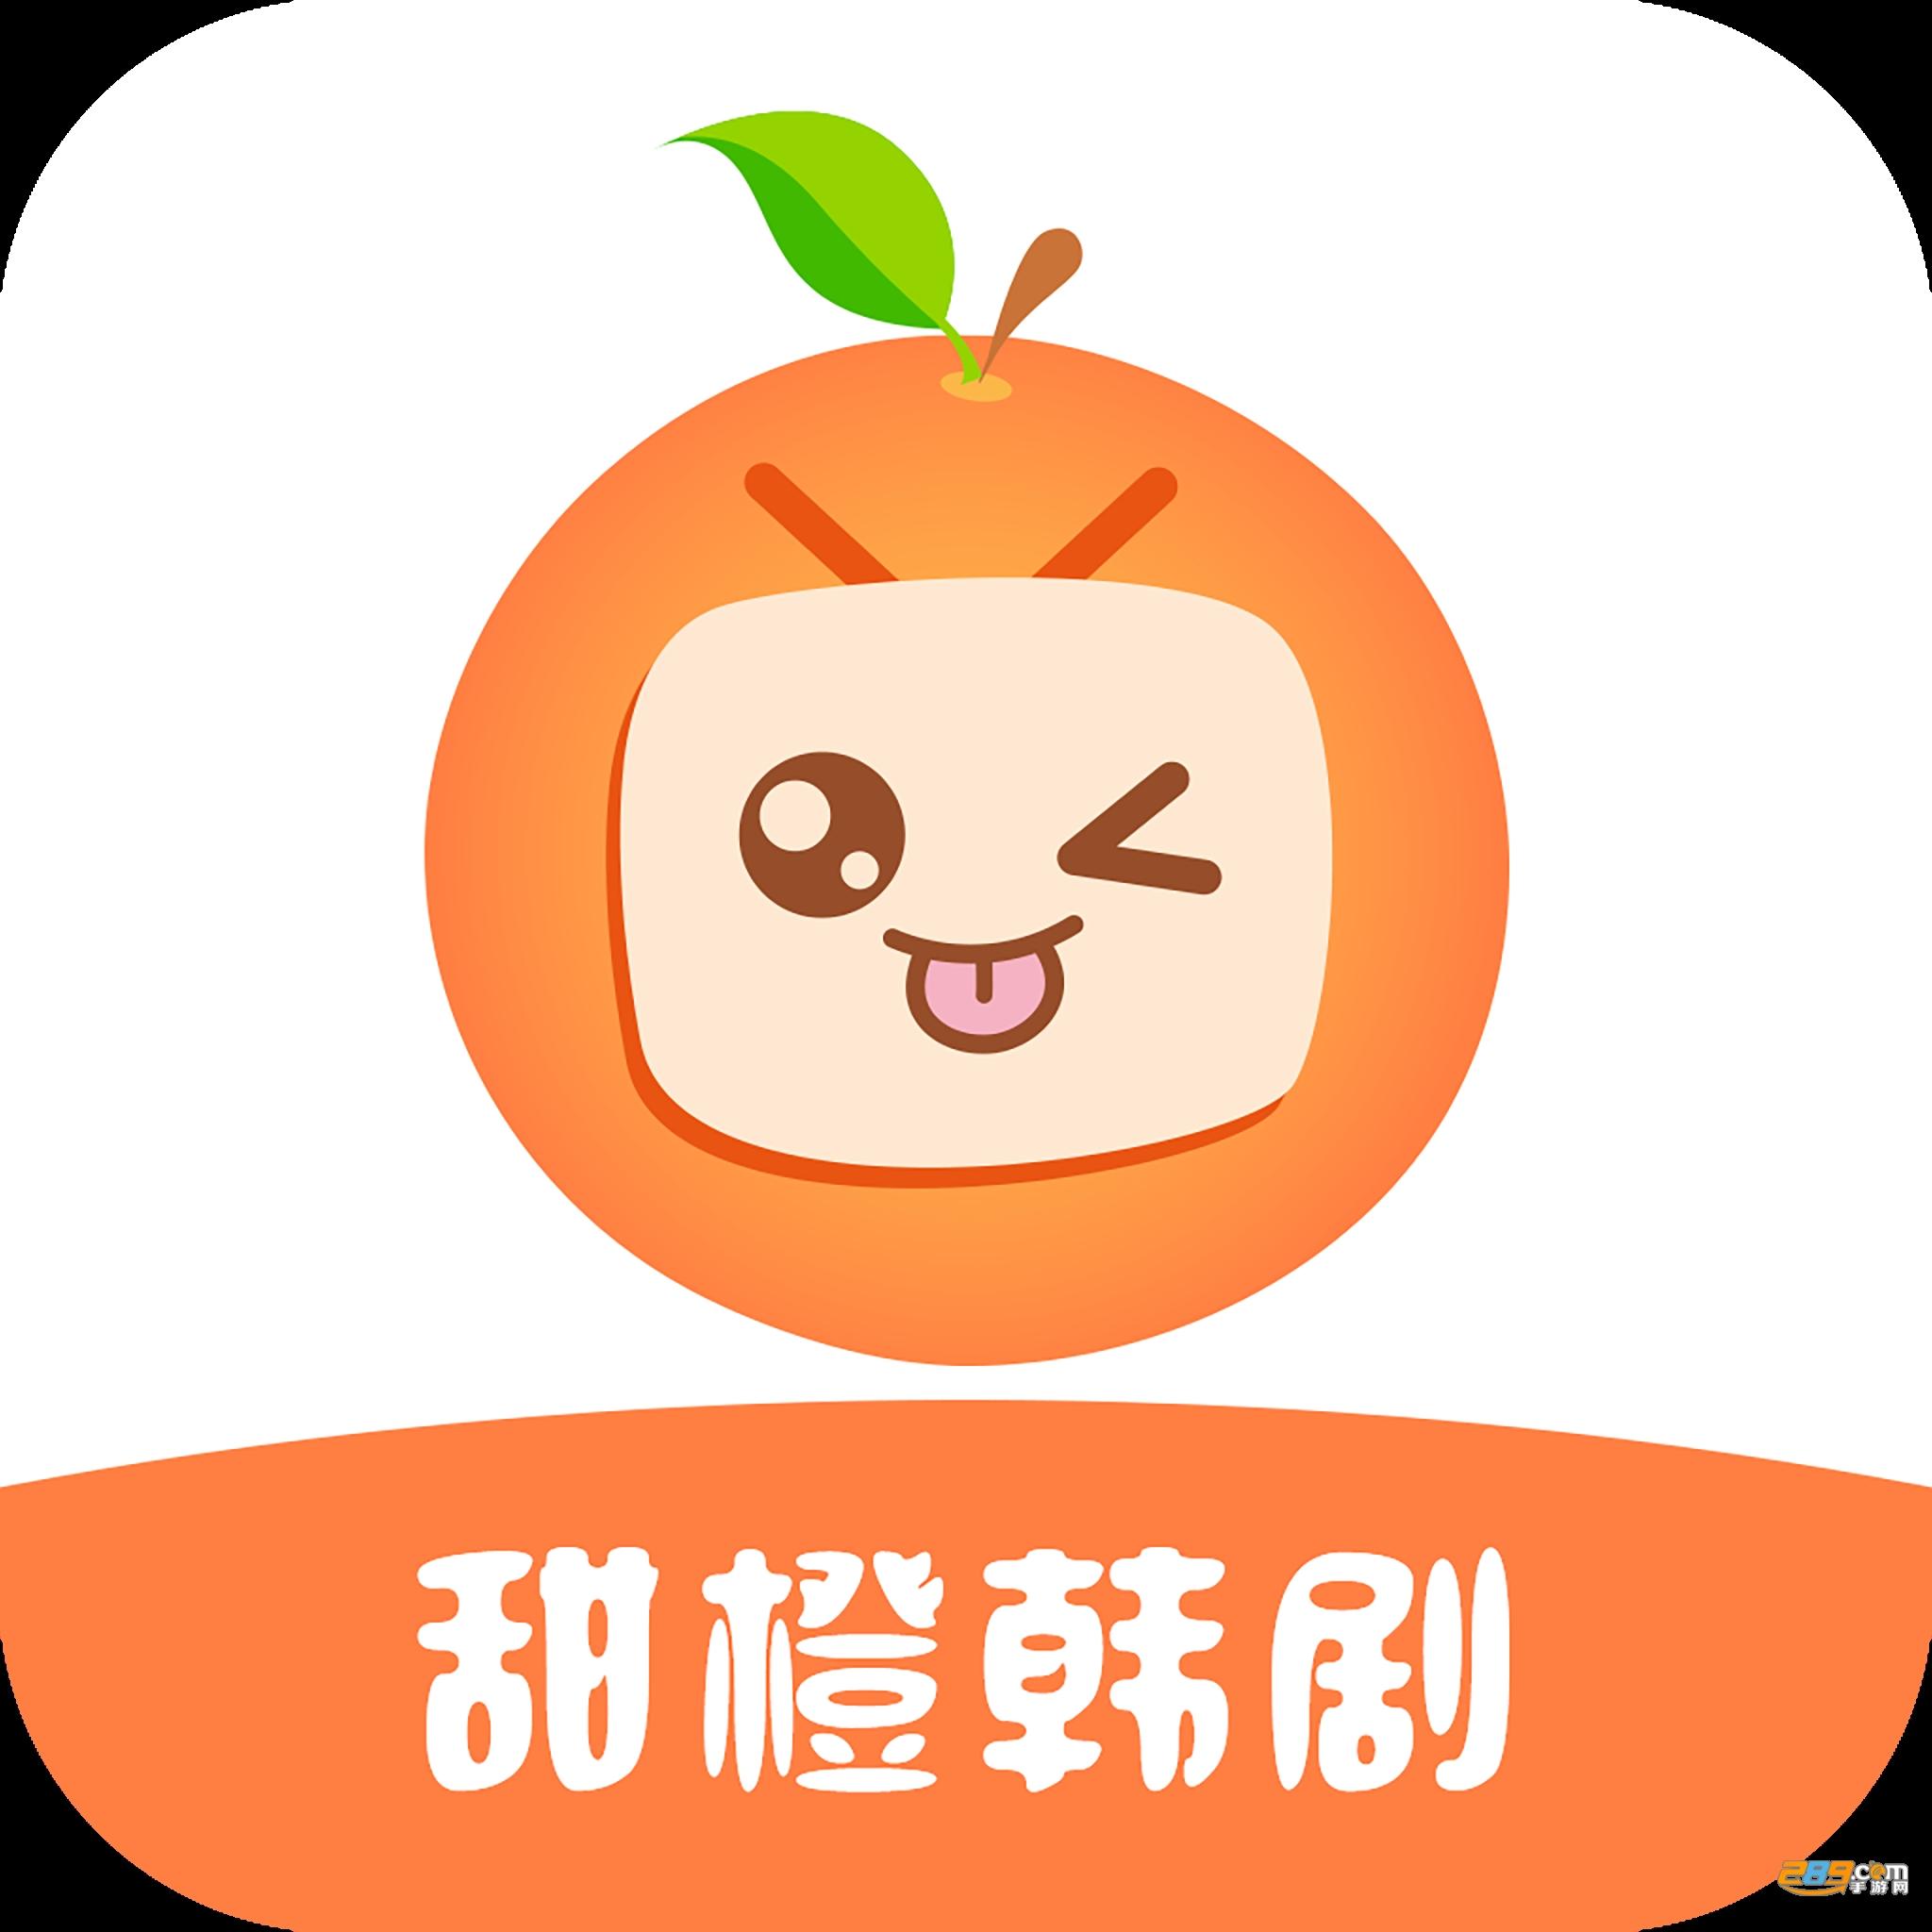 甜橙韩剧破解版v1.0.0 安卓版